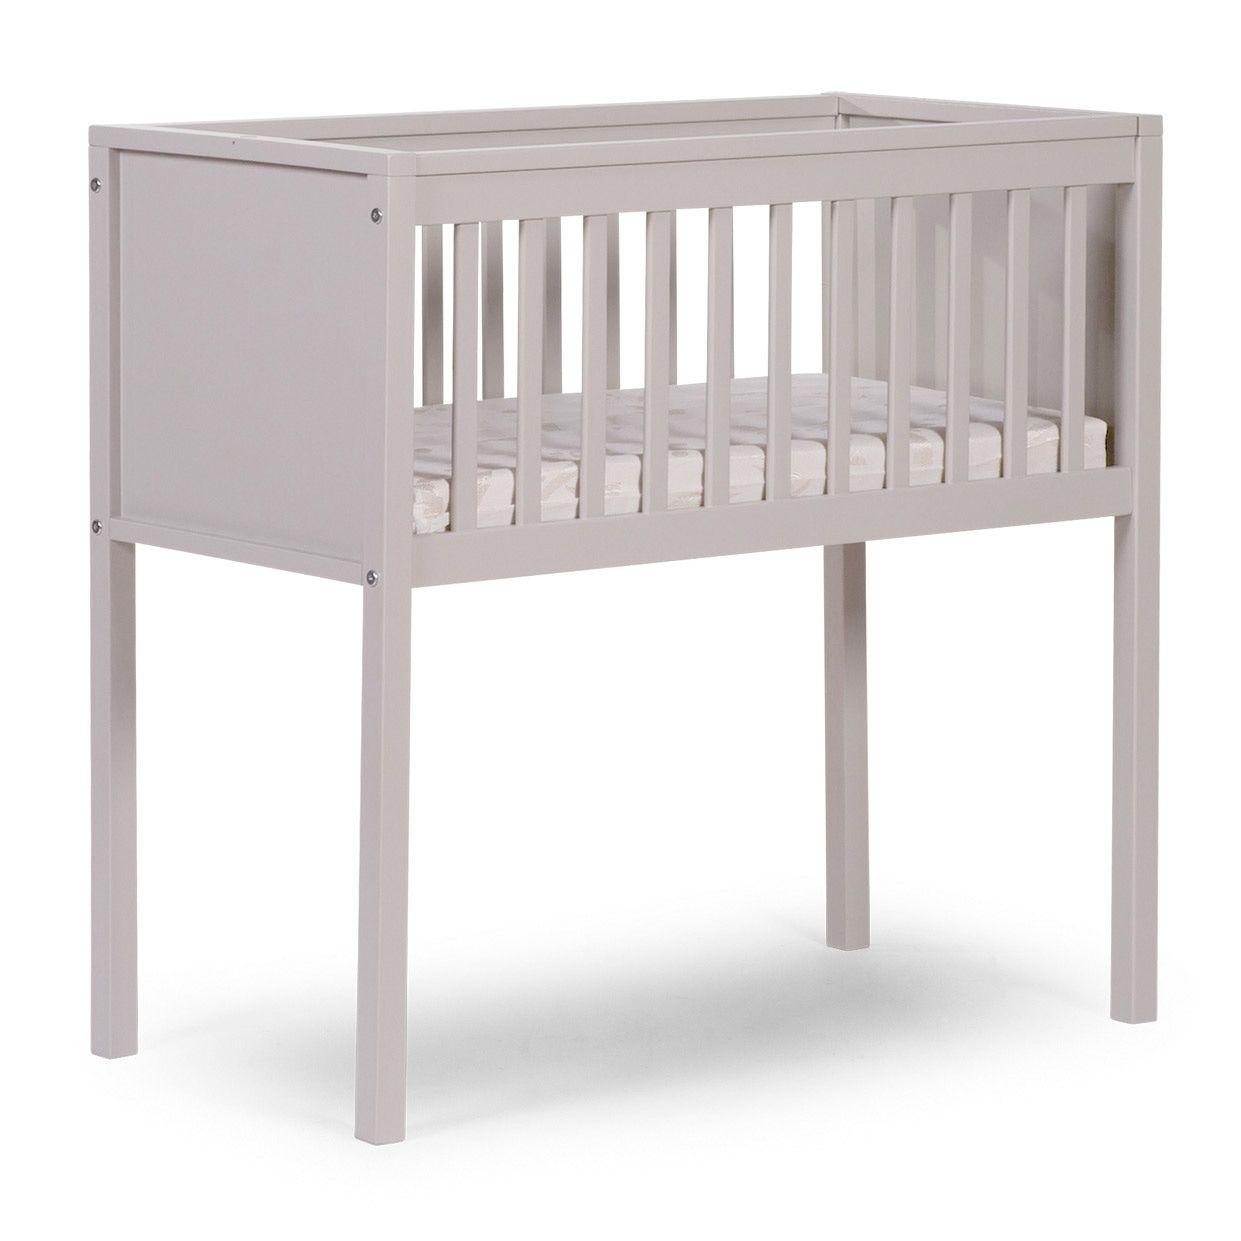 Wieg Childwood Cradle Beuken Stone Grey